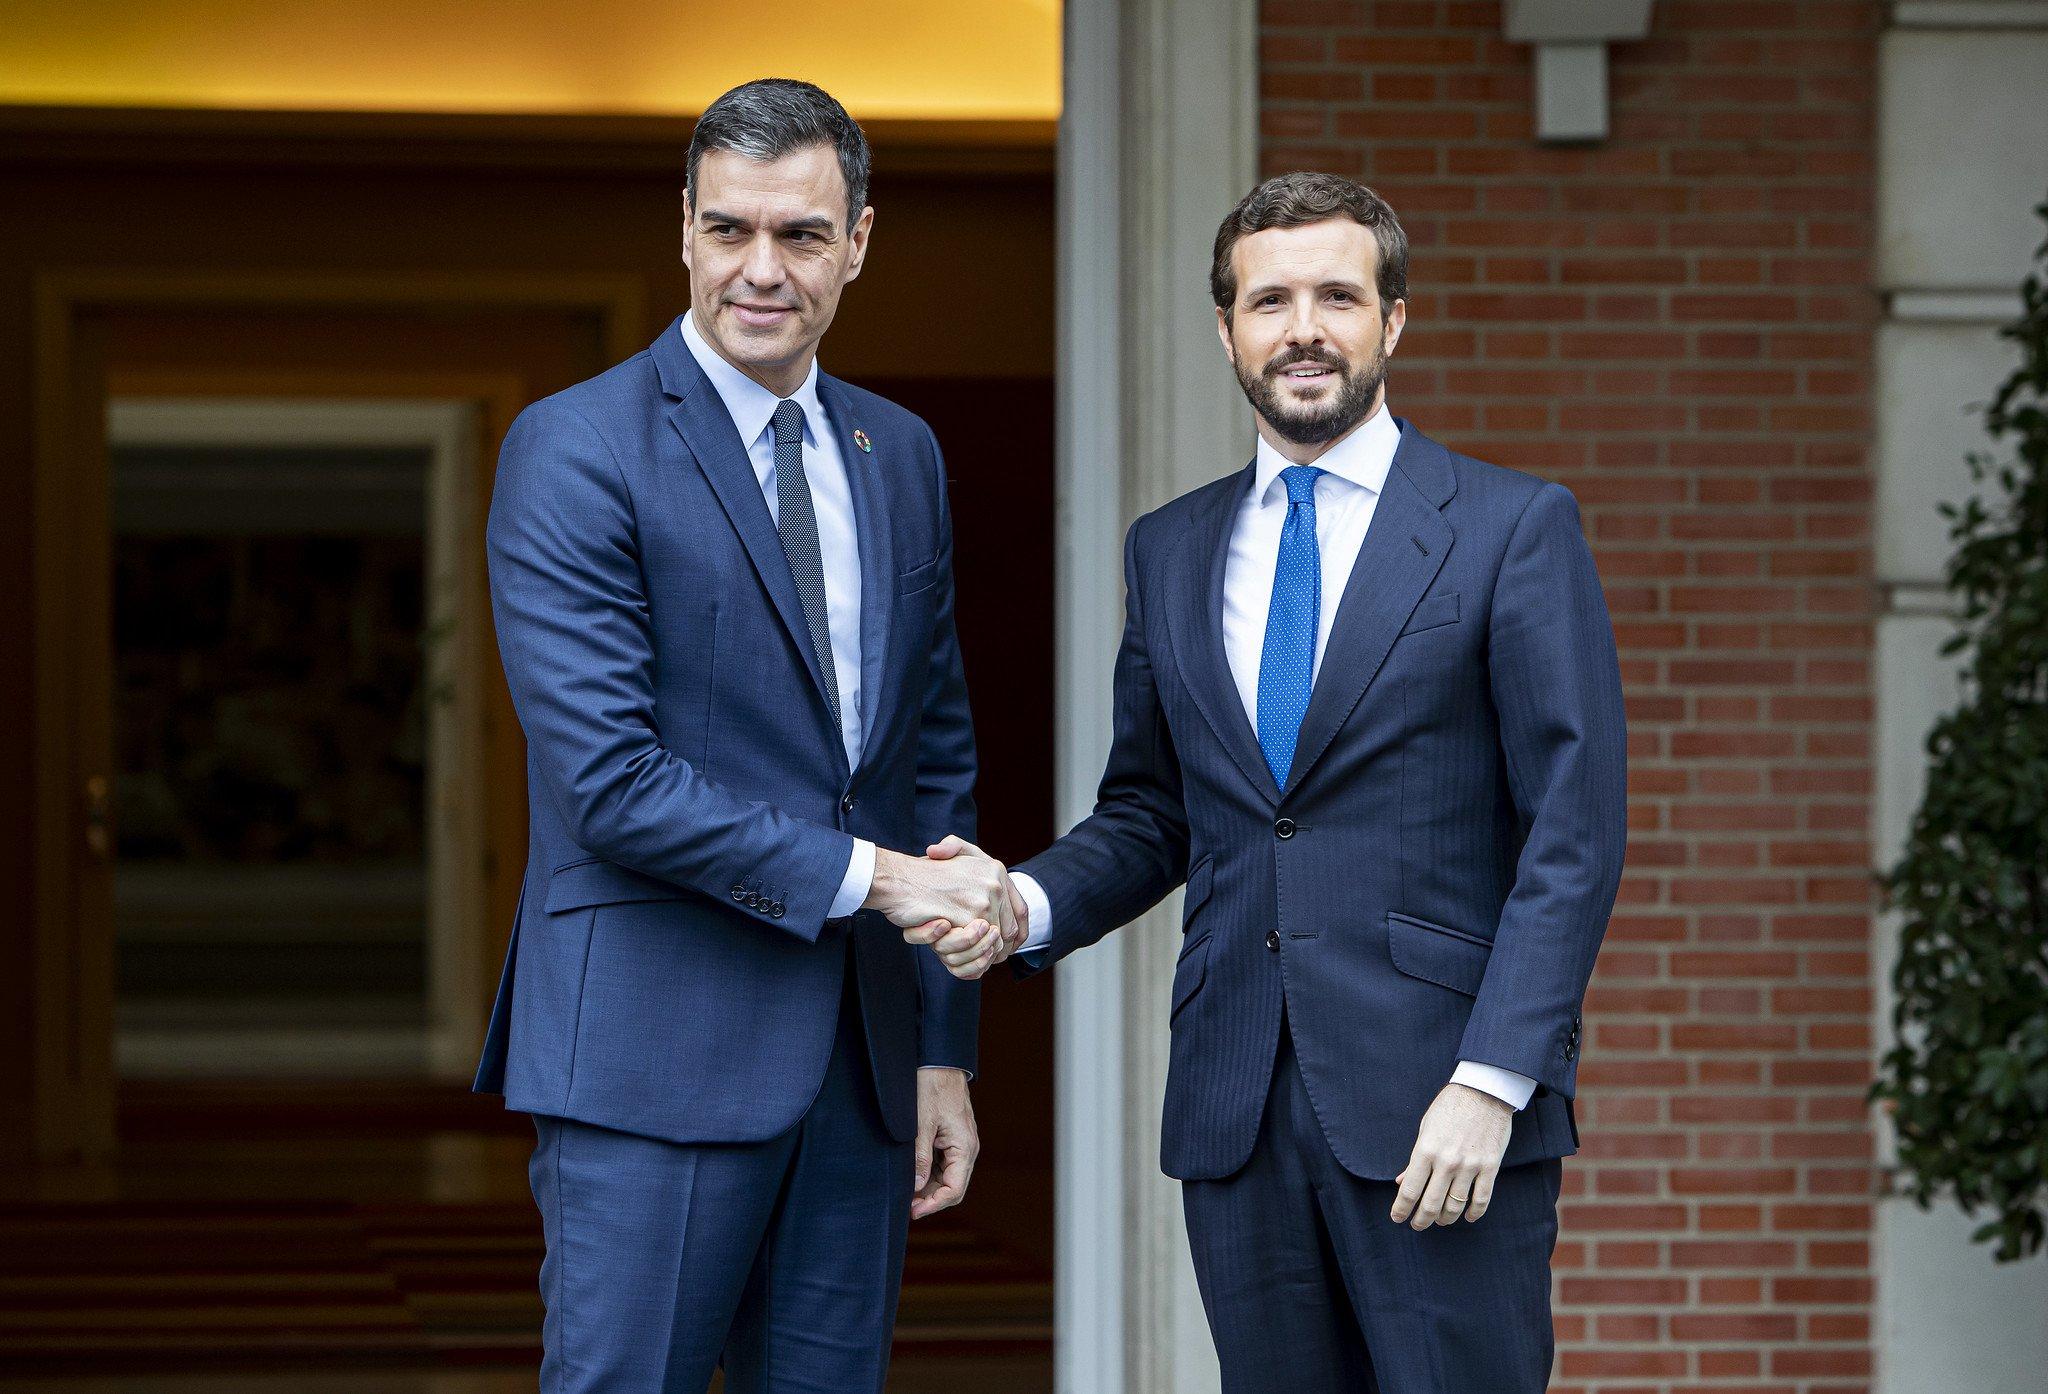 Atención, pregunta: ¿Quién tiene la expresión más natural, Pedro Sánchez o Pablo Casado?